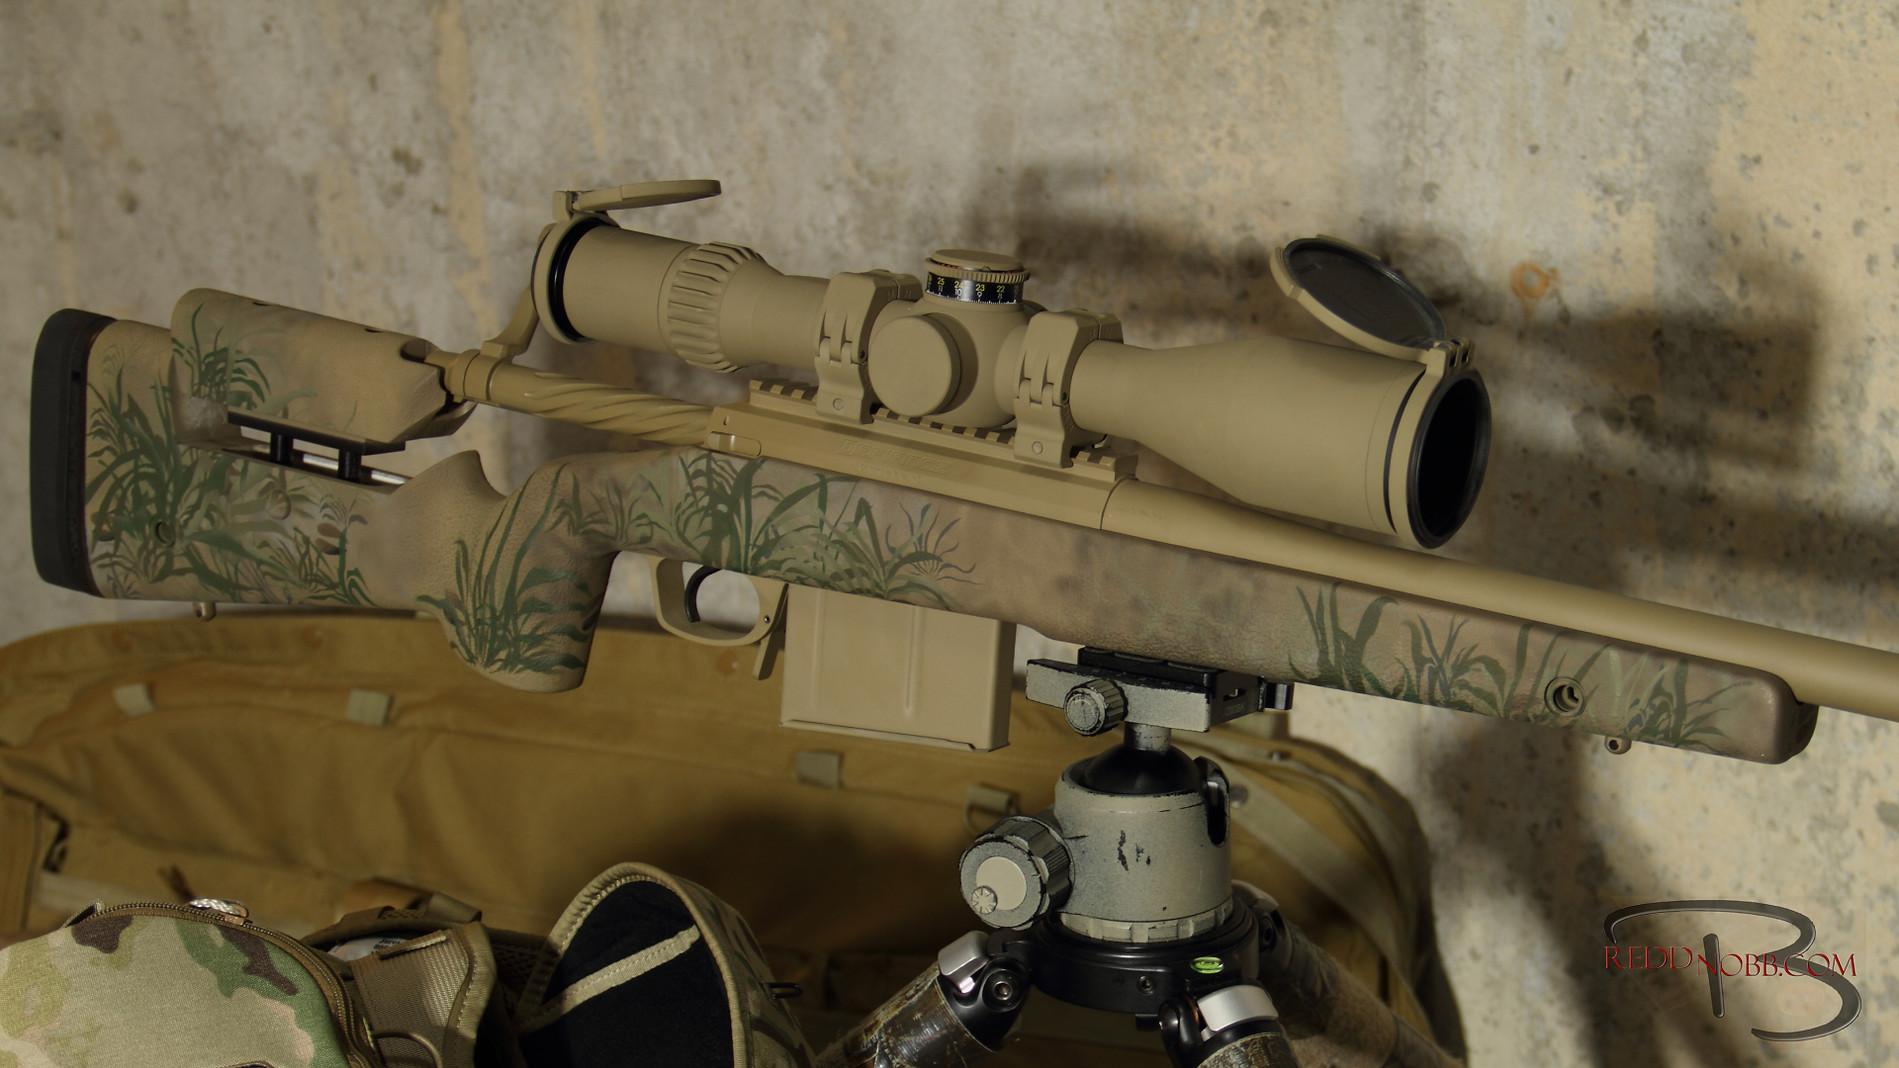 Une 338 Lapua Mag long range hunter 2de64c_0d4018eb1f4d47beb367333e14f19f7f~mv2